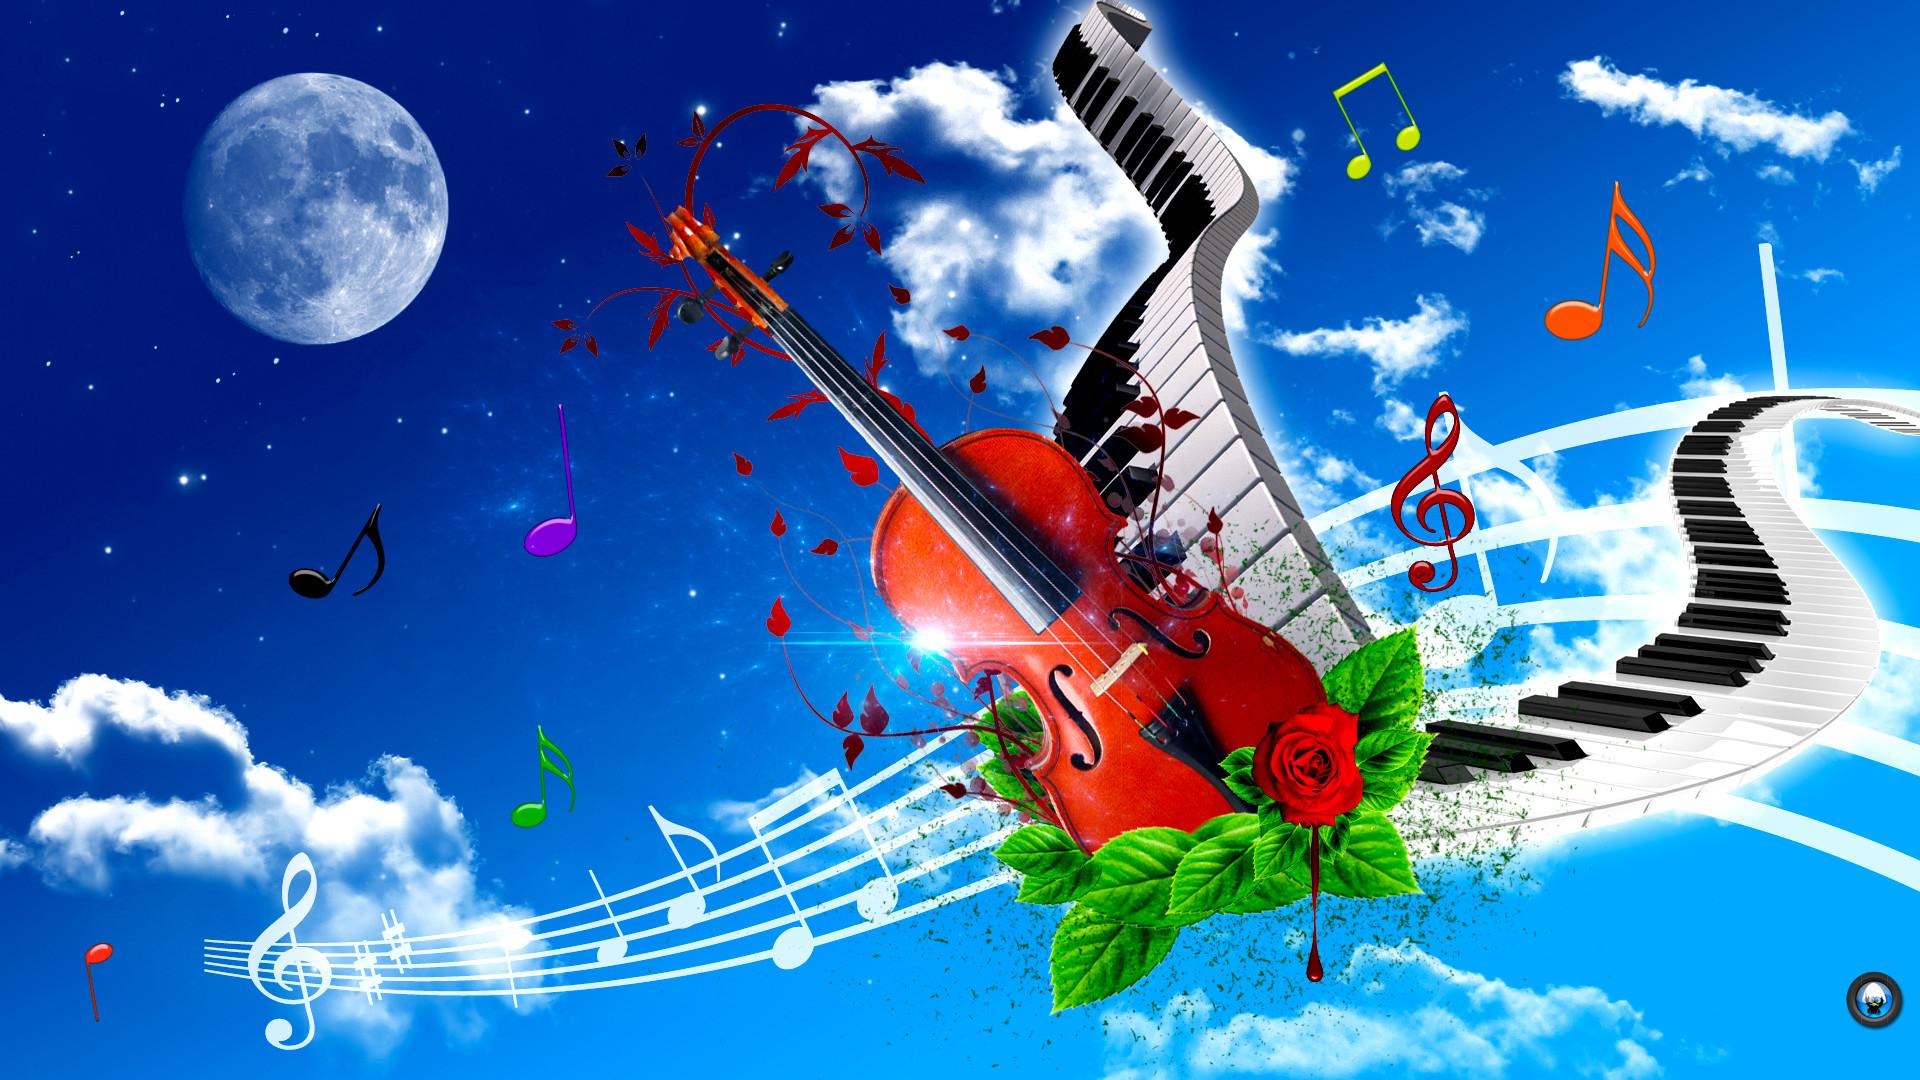 Violin And Piano Art Tone Wallpaper HD #6467 Wallpaper | Wallpaper .